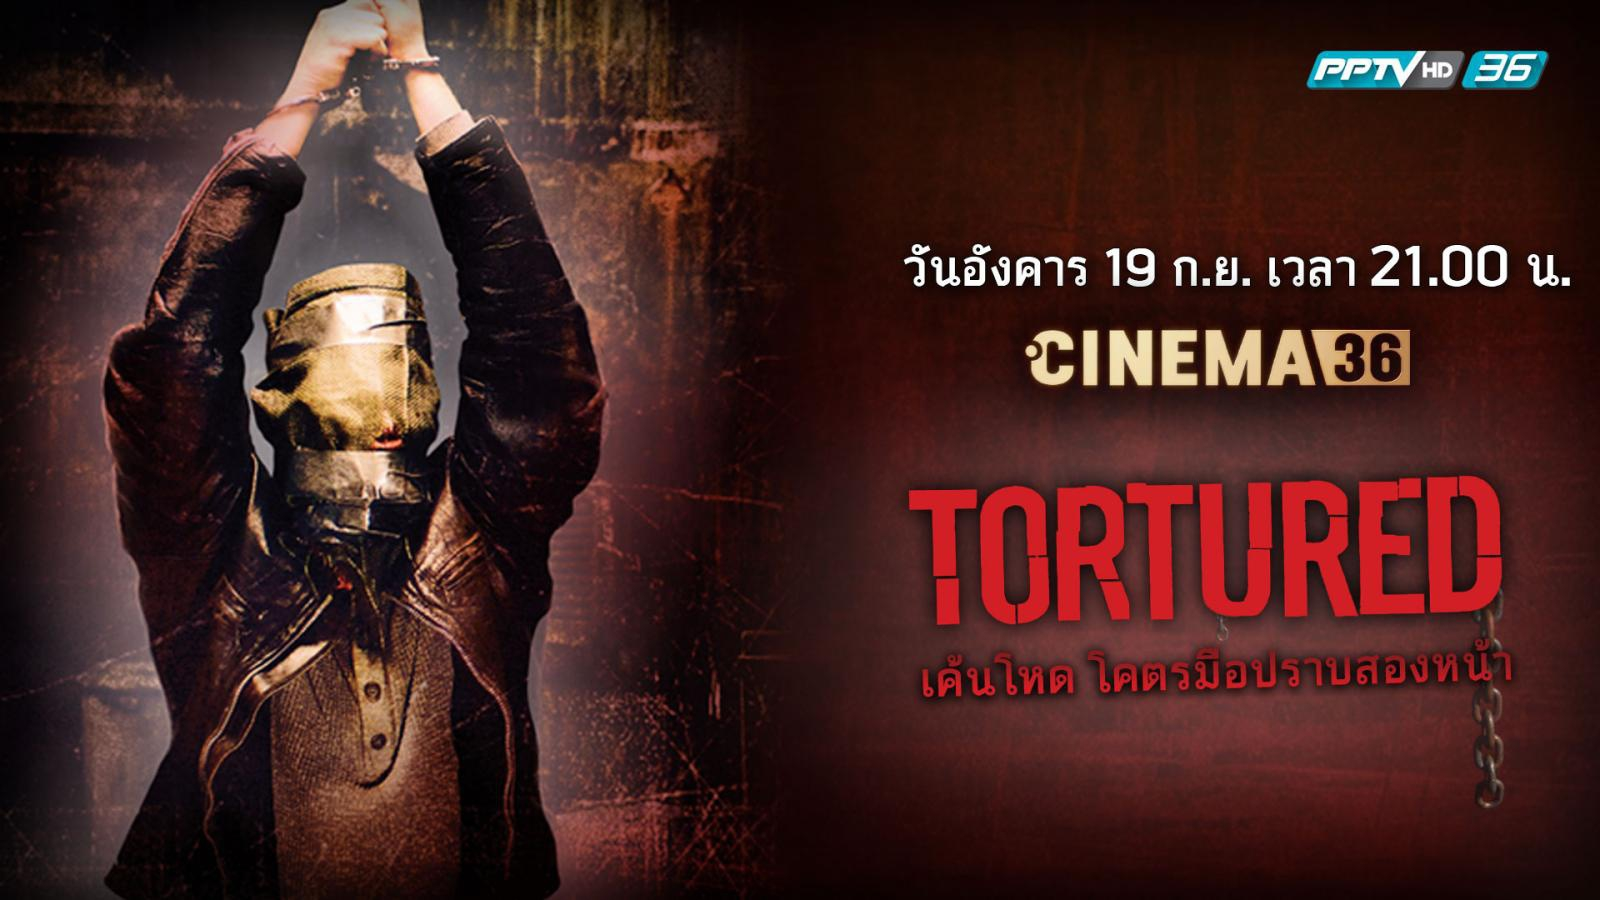 Tortured เค้นโหด โคตรมือปราบสองหน้า